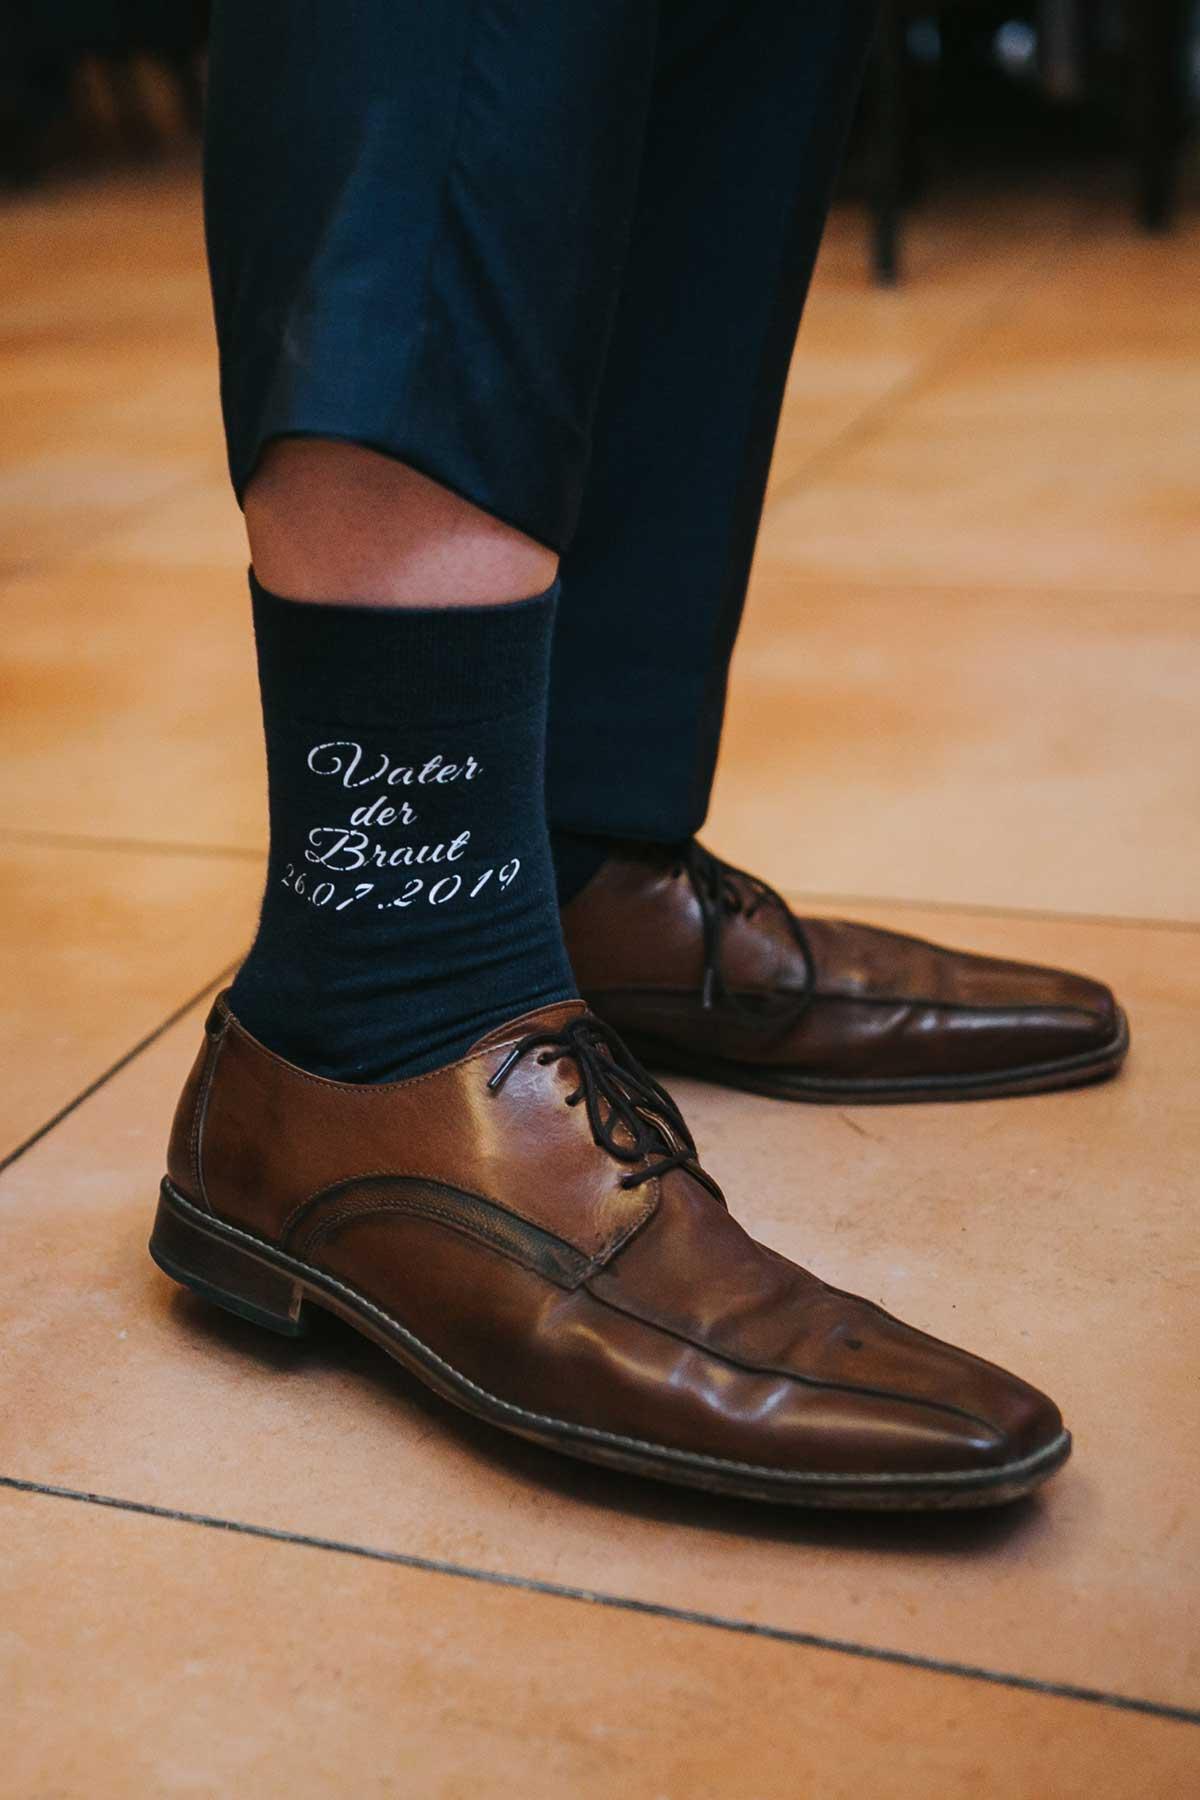 Socken für den Vater der Braut